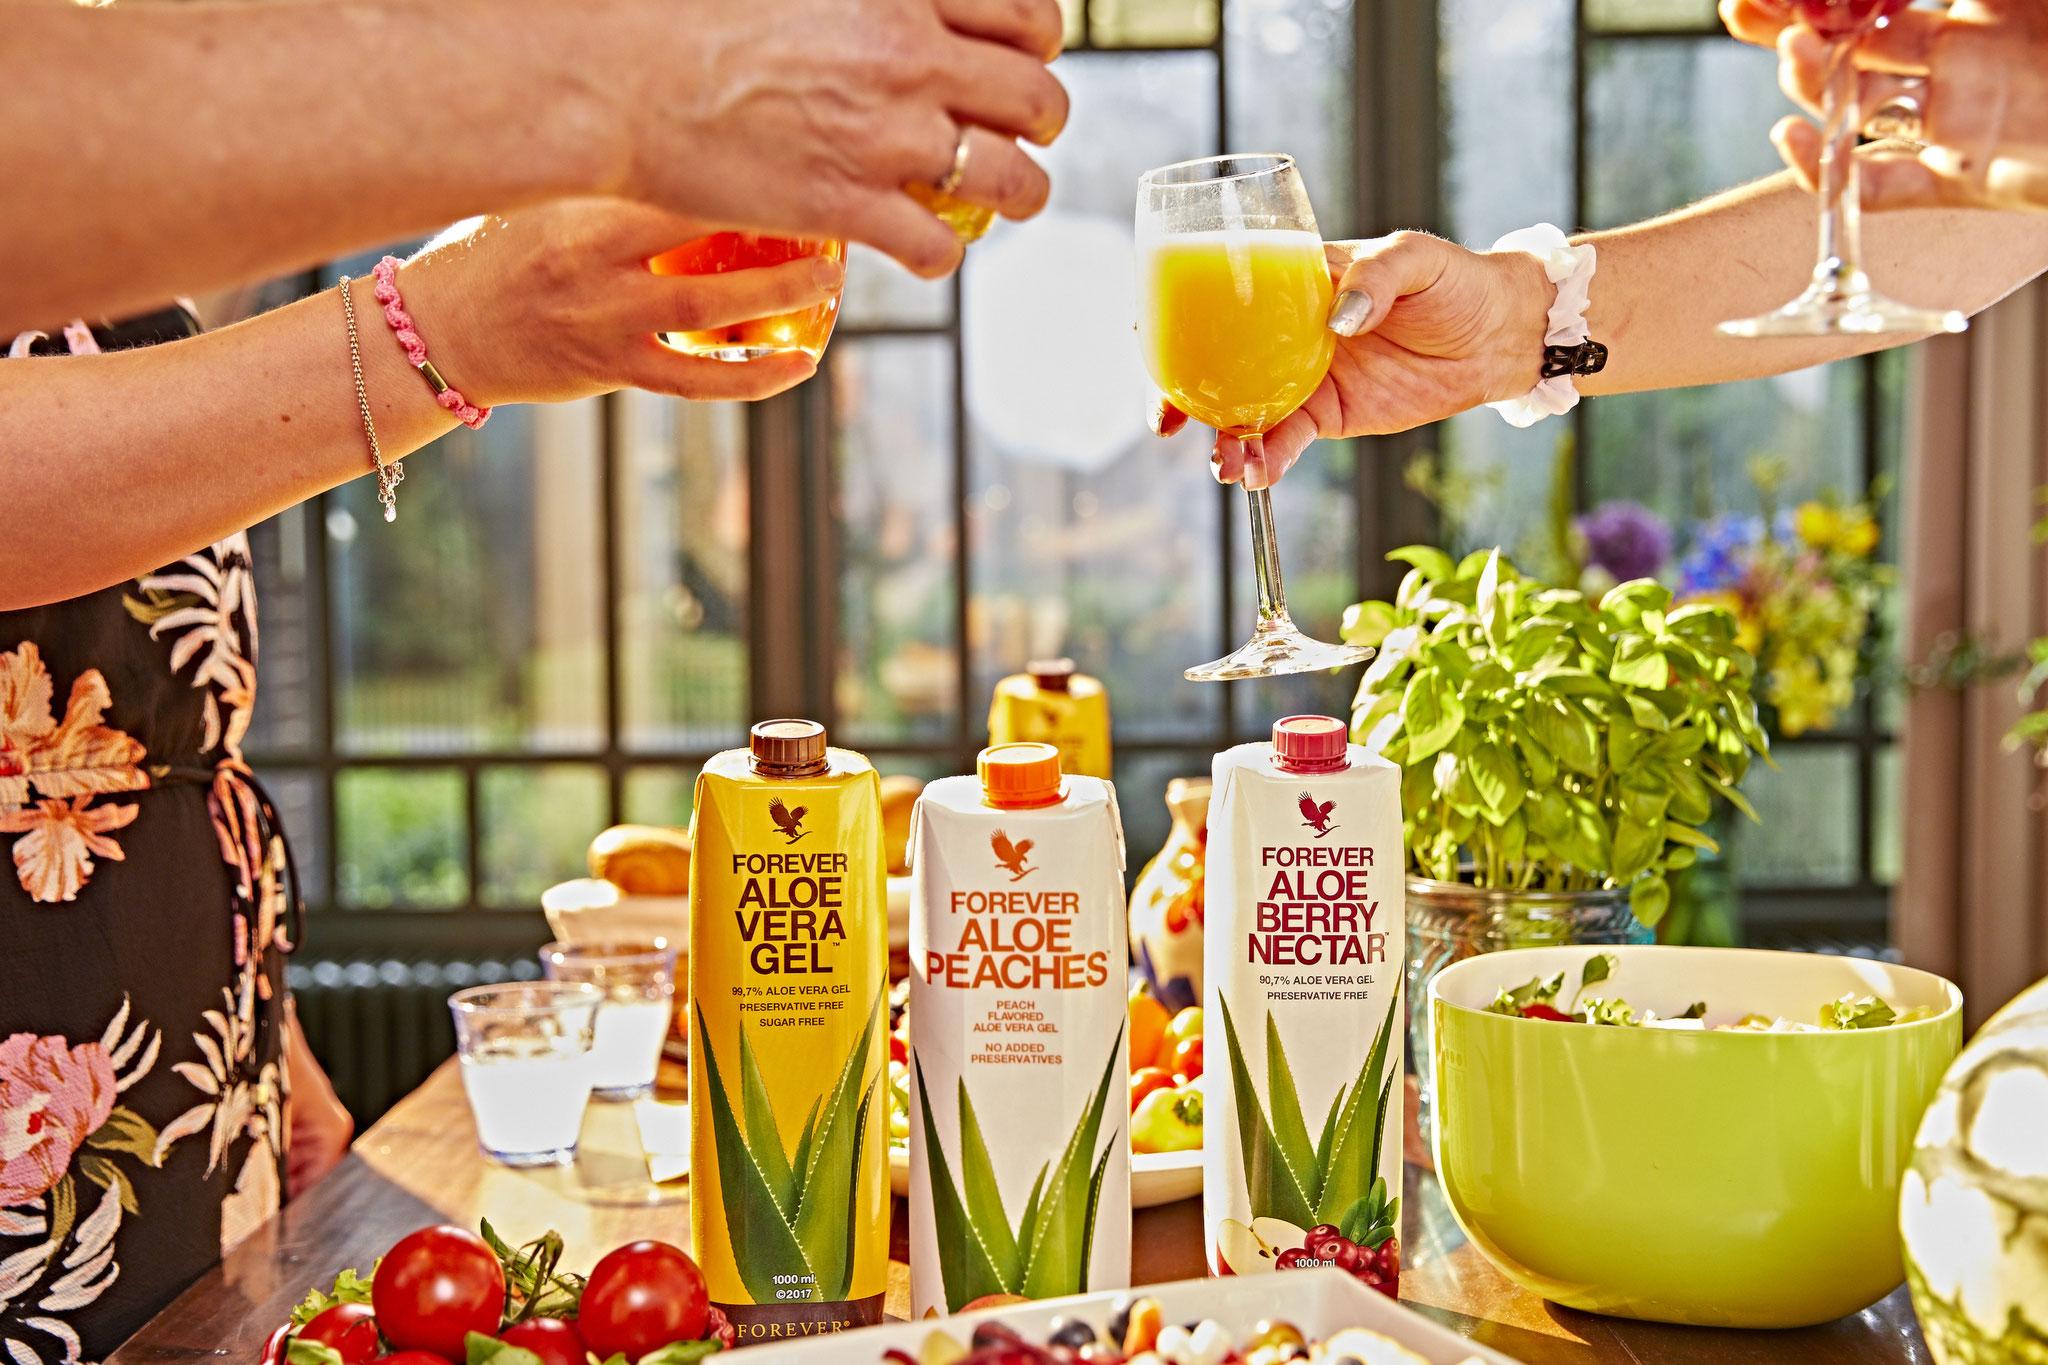 Erlebe und genieße die ganze Kraft der Aloe Vera. Unsere Drinks enthalten bis zu 99,7 % reines Aloe-Vera-Gel, ist reich an Vitamin C und ohne Zusatz von Konservierungsstoffen. Behutsam aus dem Blattmark der Aloe-Vera-Pflanze herausgelöst.